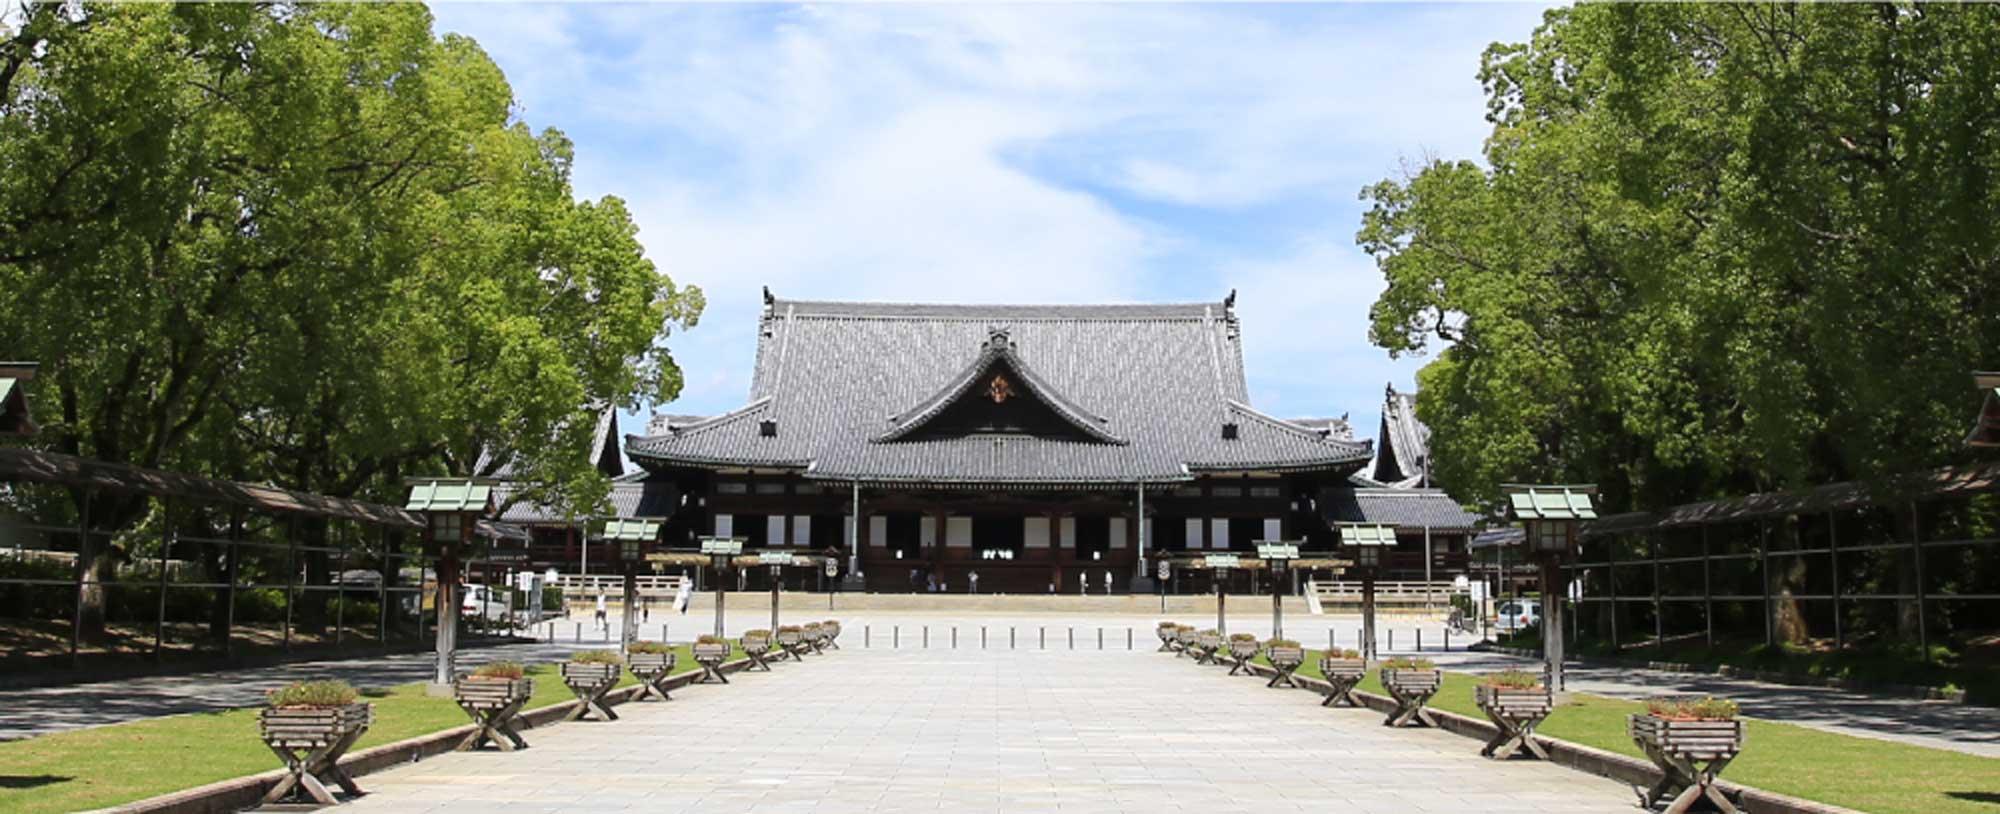 正面から見た神殿